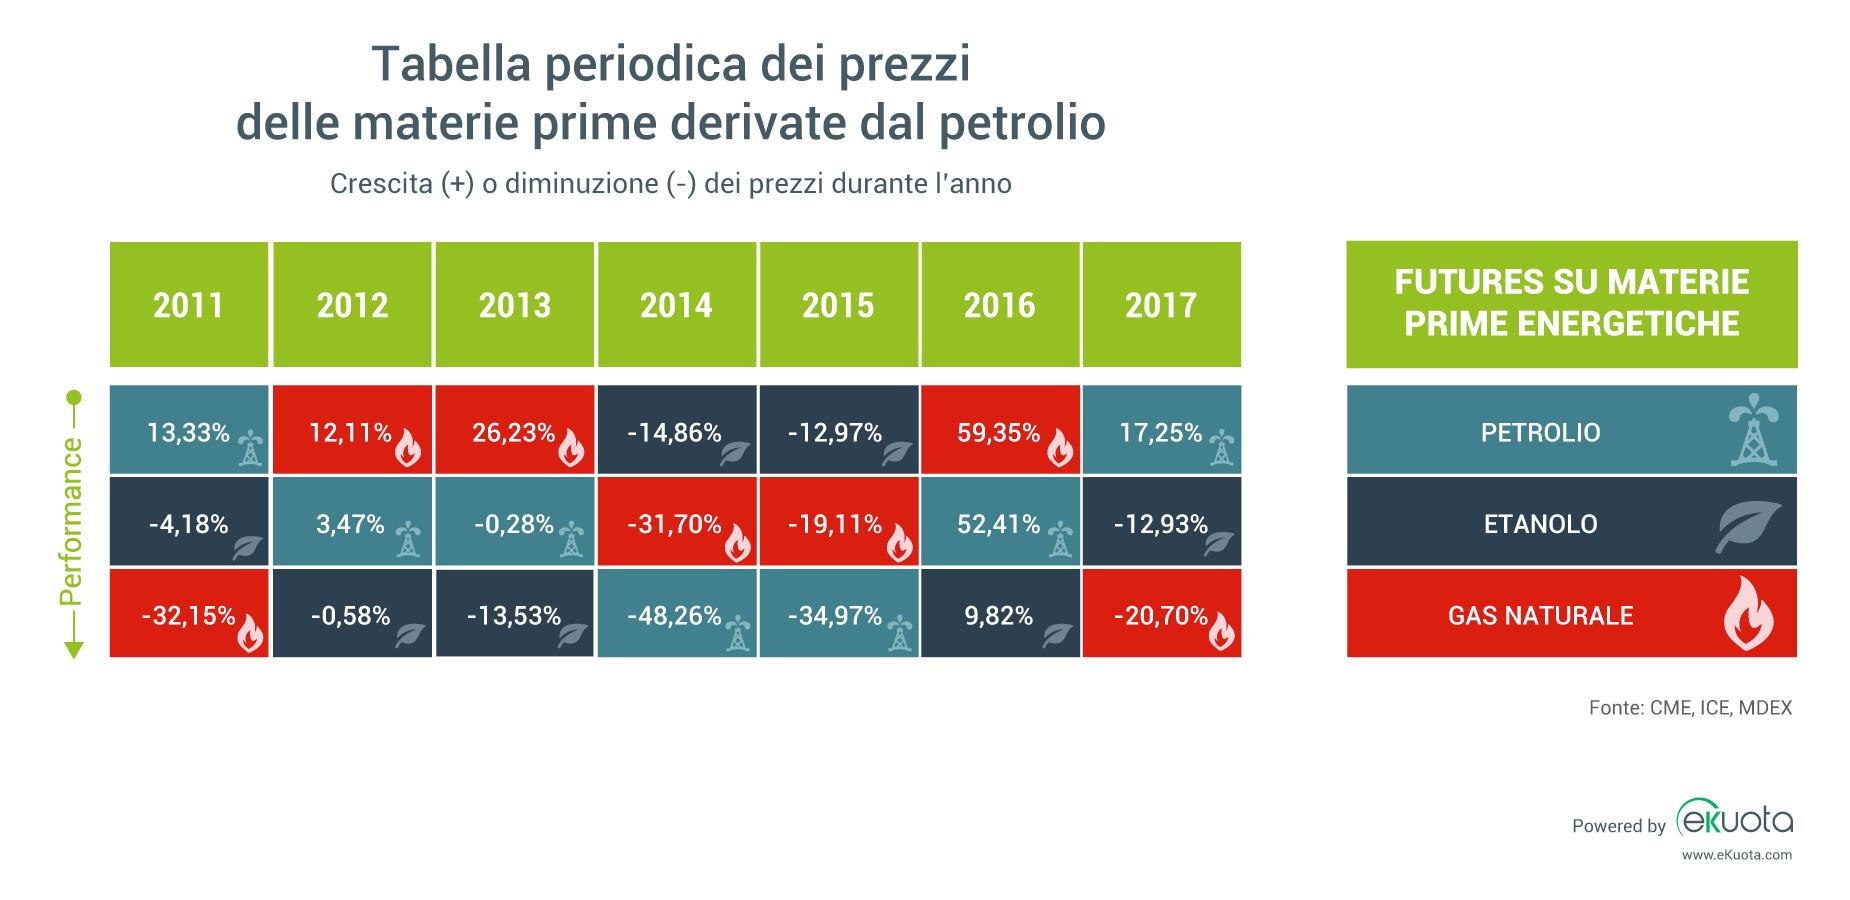 prezzi petrolio etanolo gas naturale dal 2011 al 2017